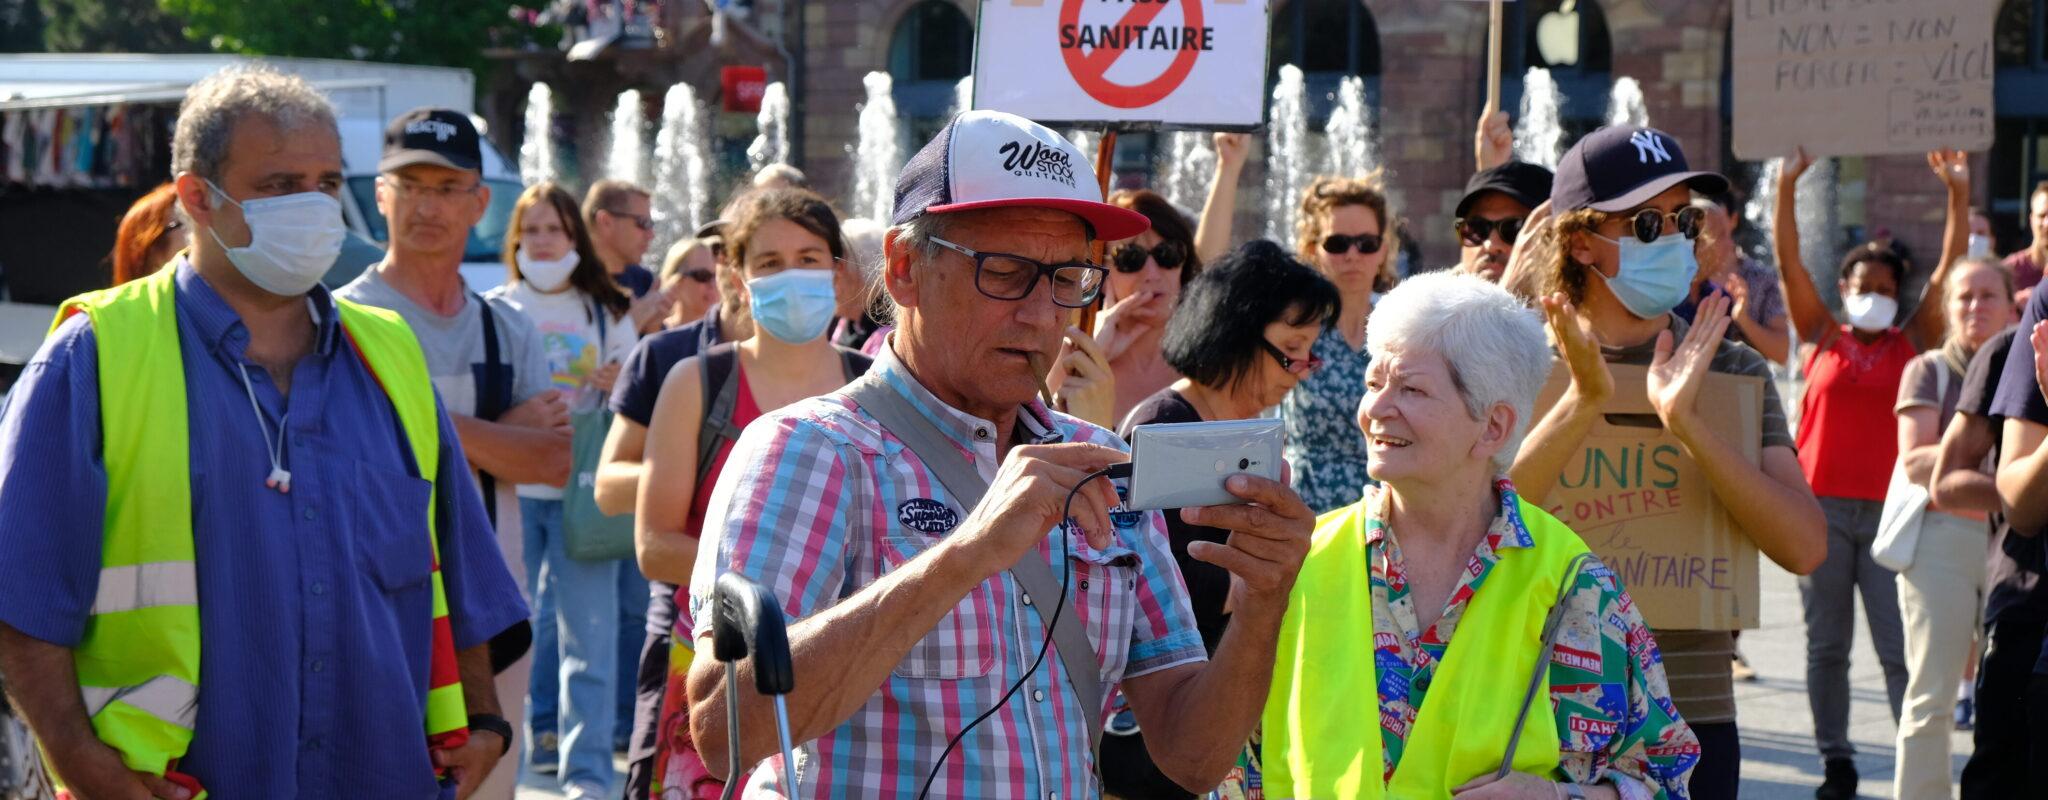 Jeudi, sixième rassemblement contre le pass sanitaire à Strasbourg